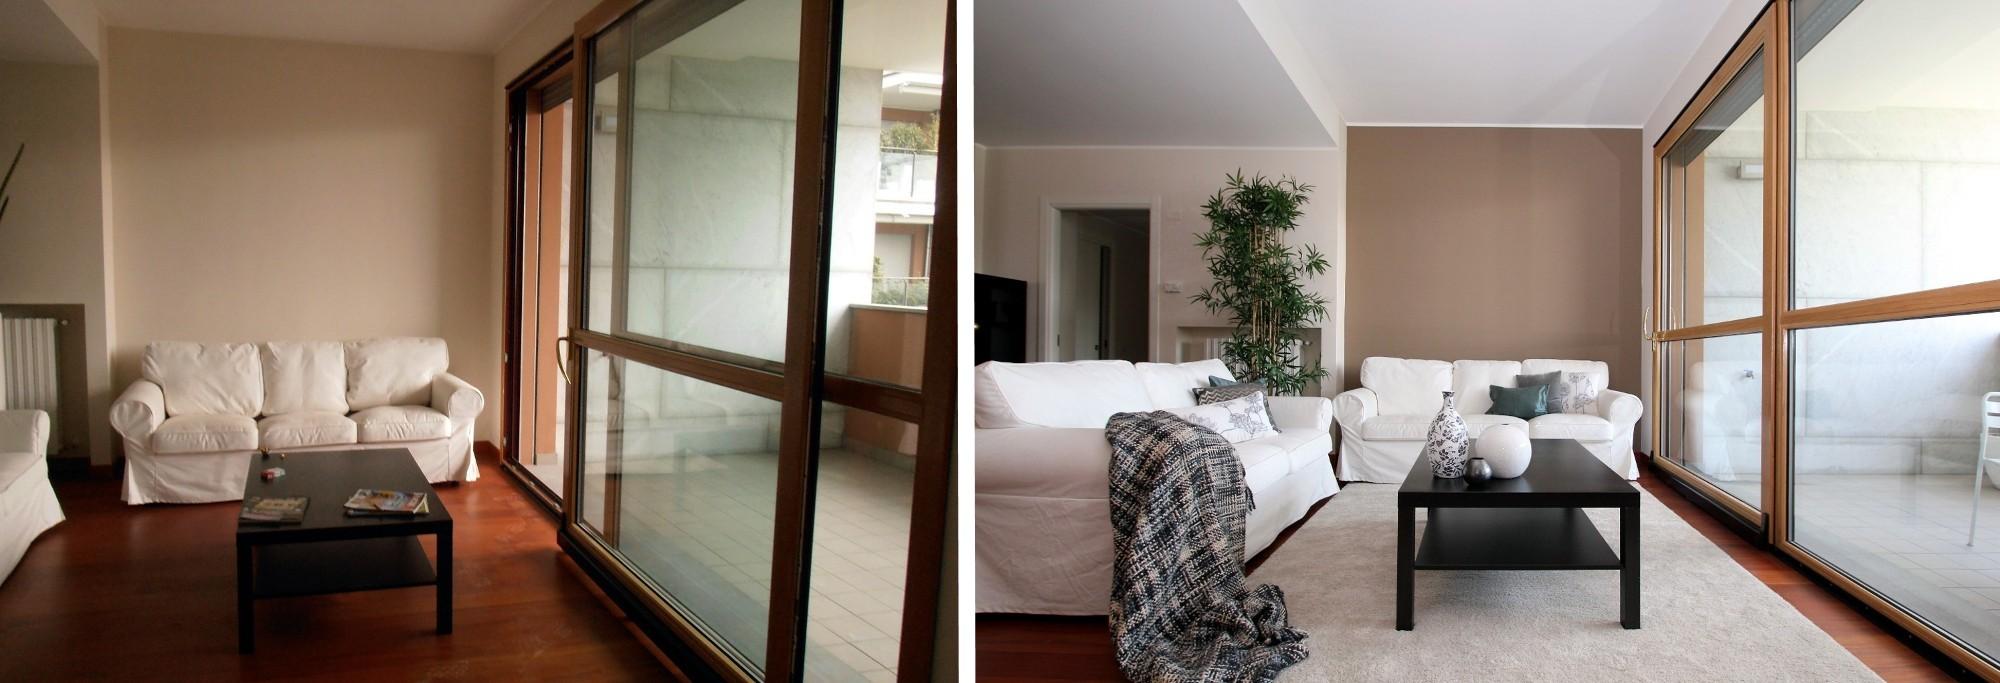 Trucchi per vendere casa come valorizzare un appartamento for Come costruire un appartamento garage a buon mercato